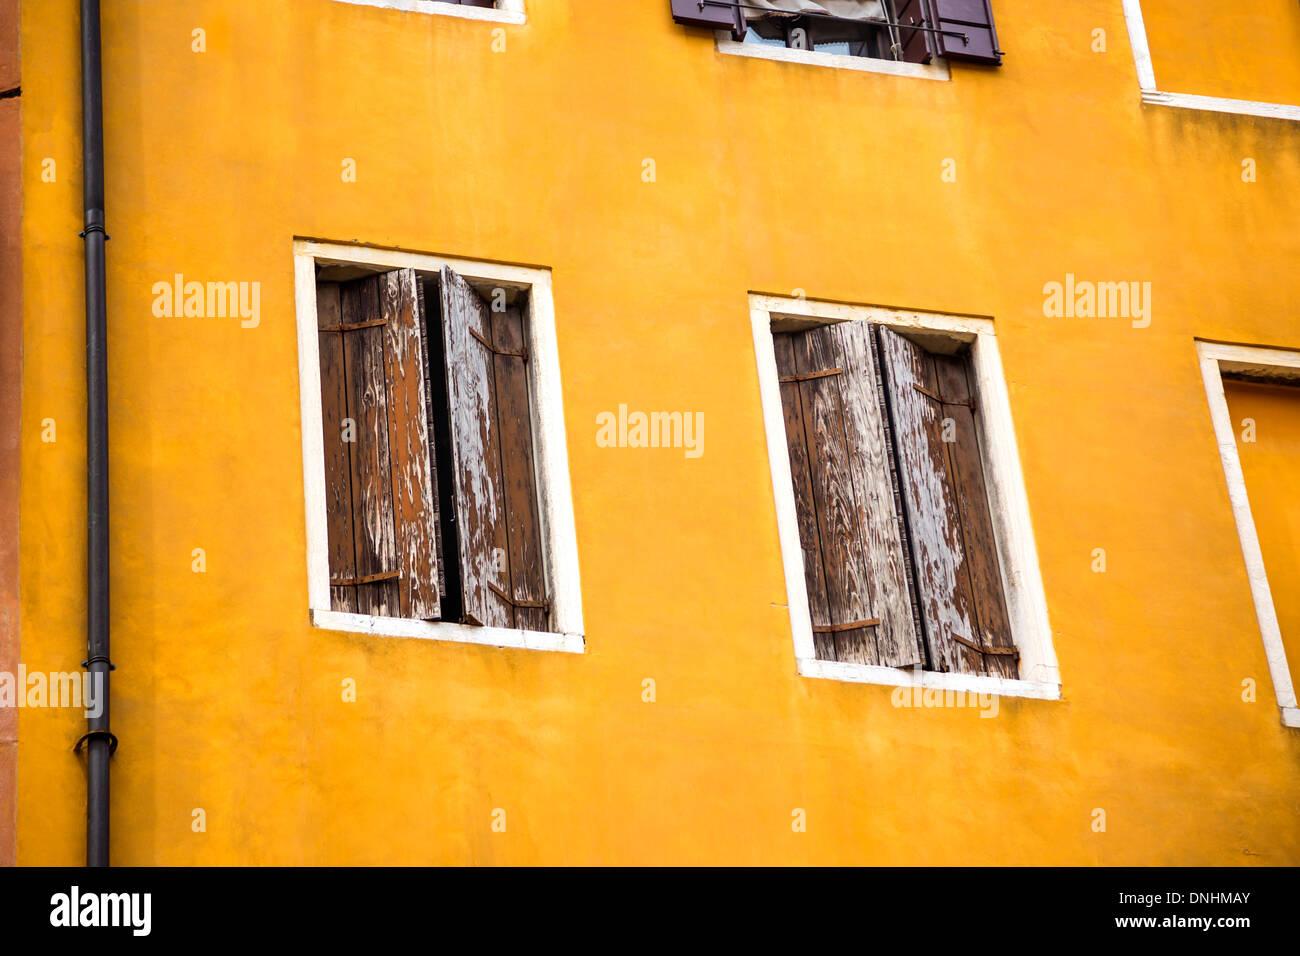 Basso angolo di visione di un edificio residenziale, Venezia, Veneto, Italia Foto Stock